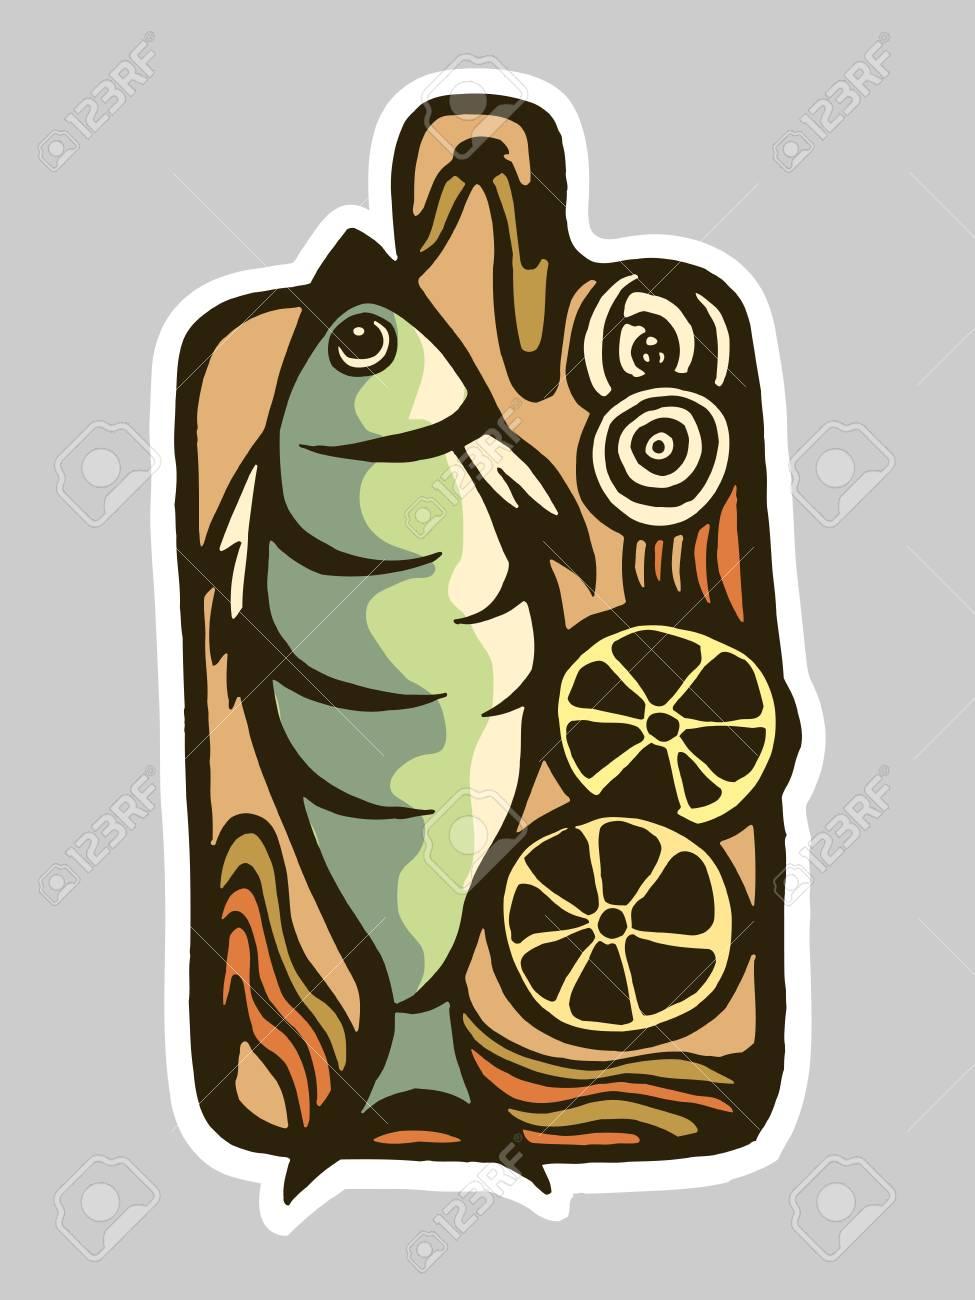 Vettoriale - Disegno Vettoriale Di Una Tavola Di Cucina Con Un Pesce ...